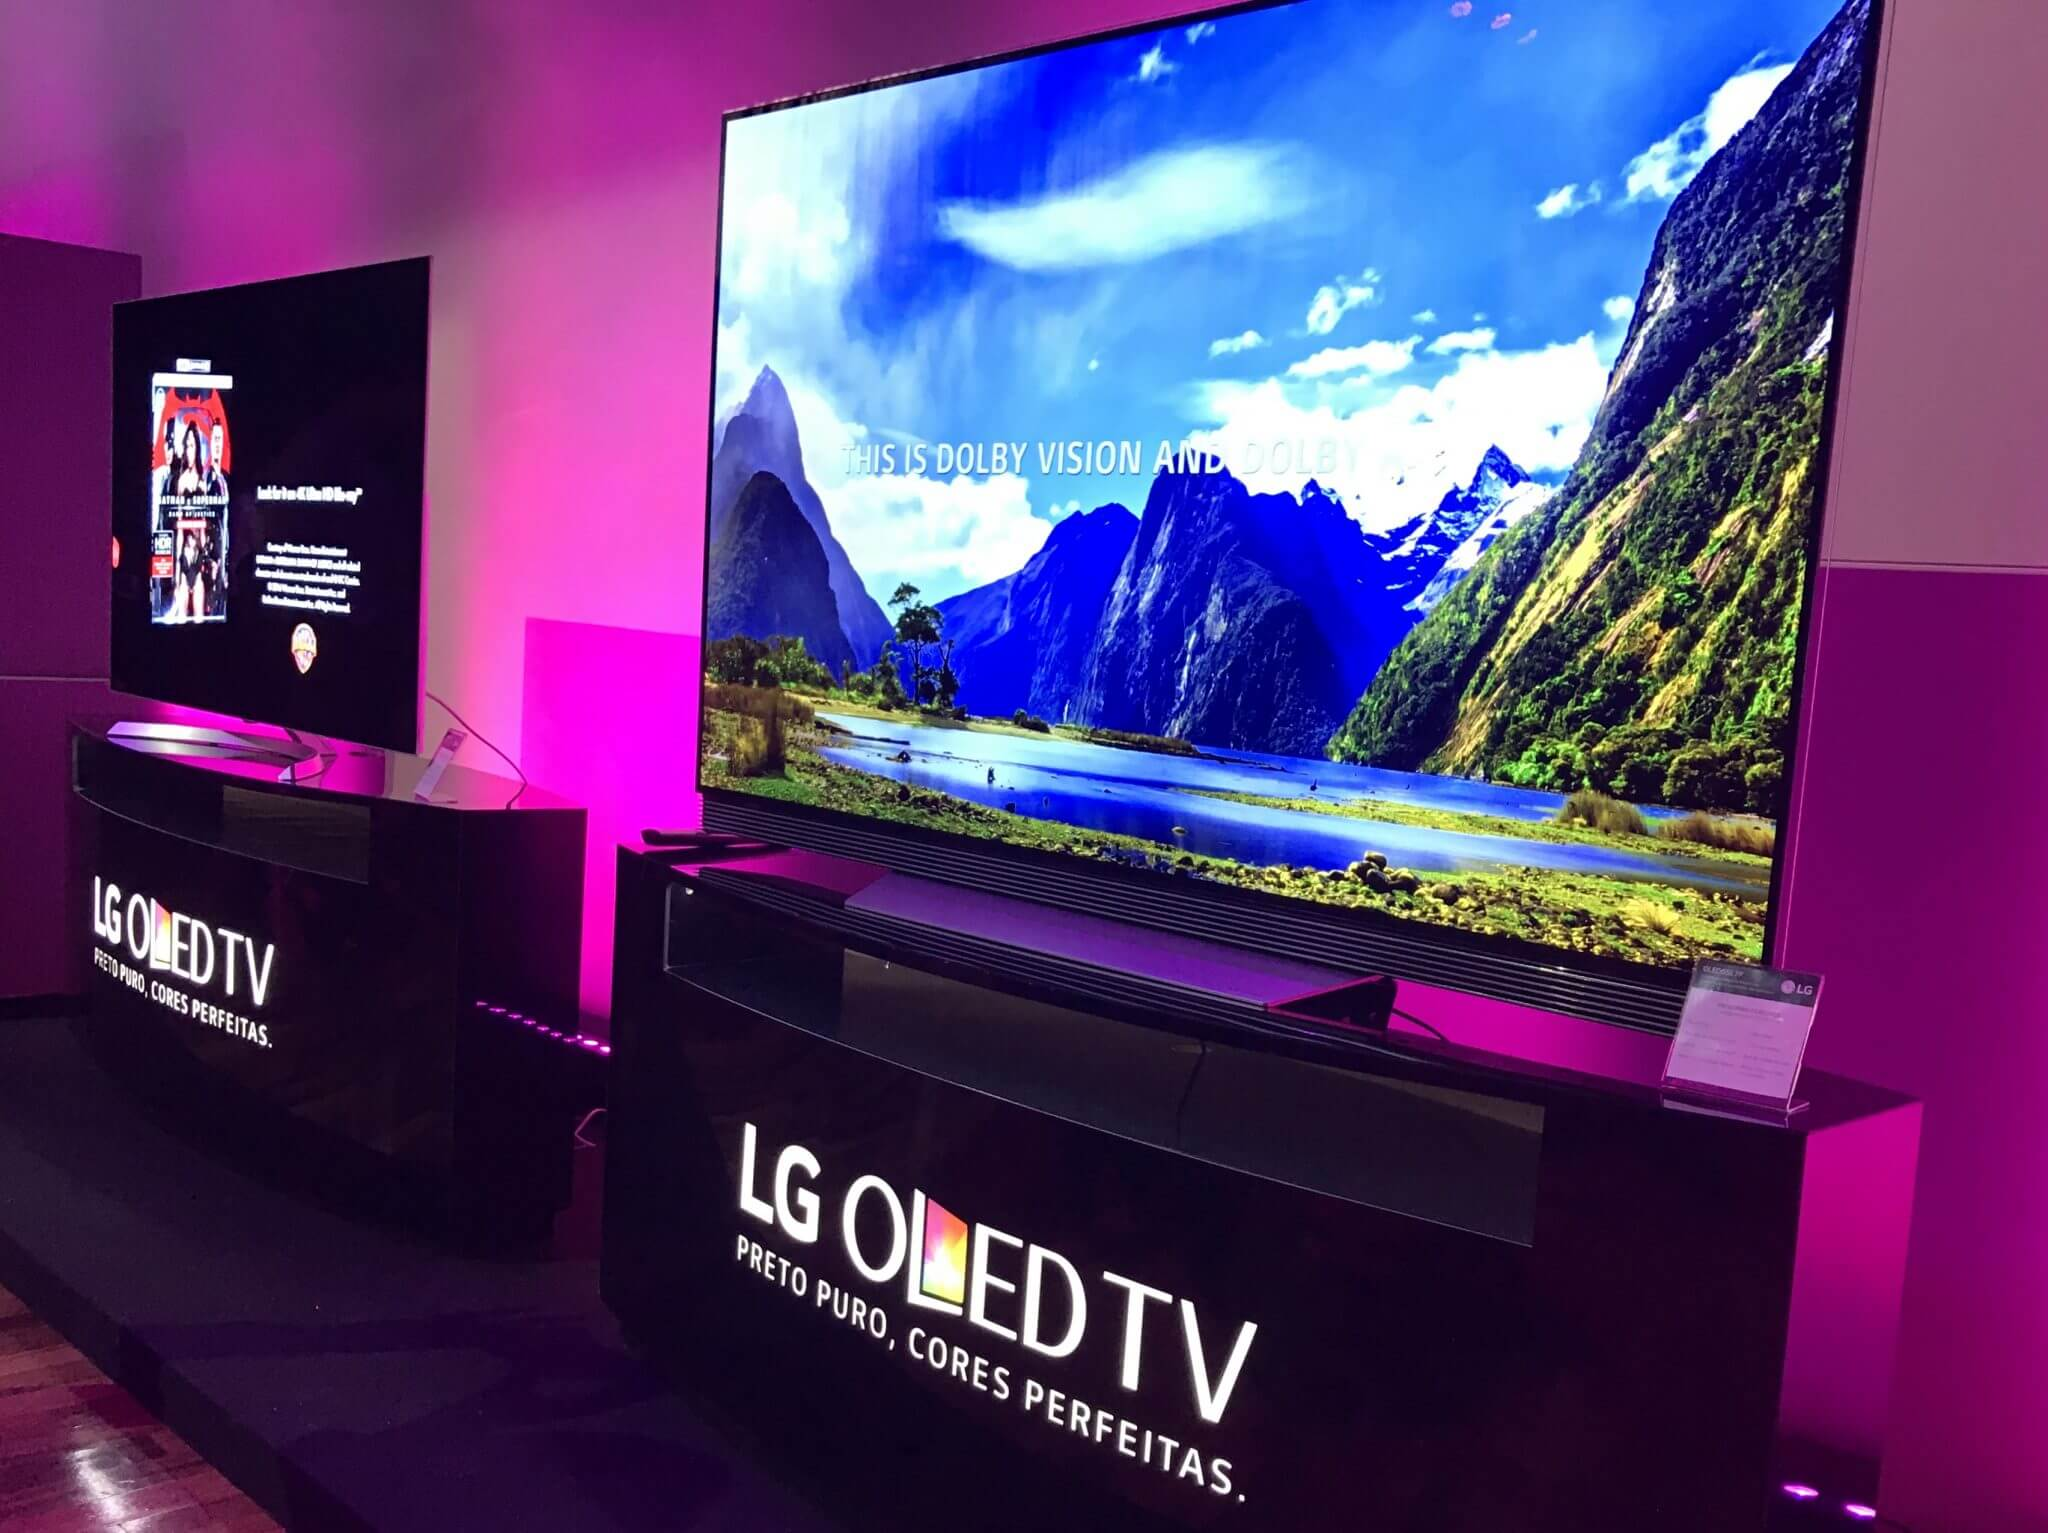 LG anuncia nova linha OLED TV; confira preços e disponibilidade